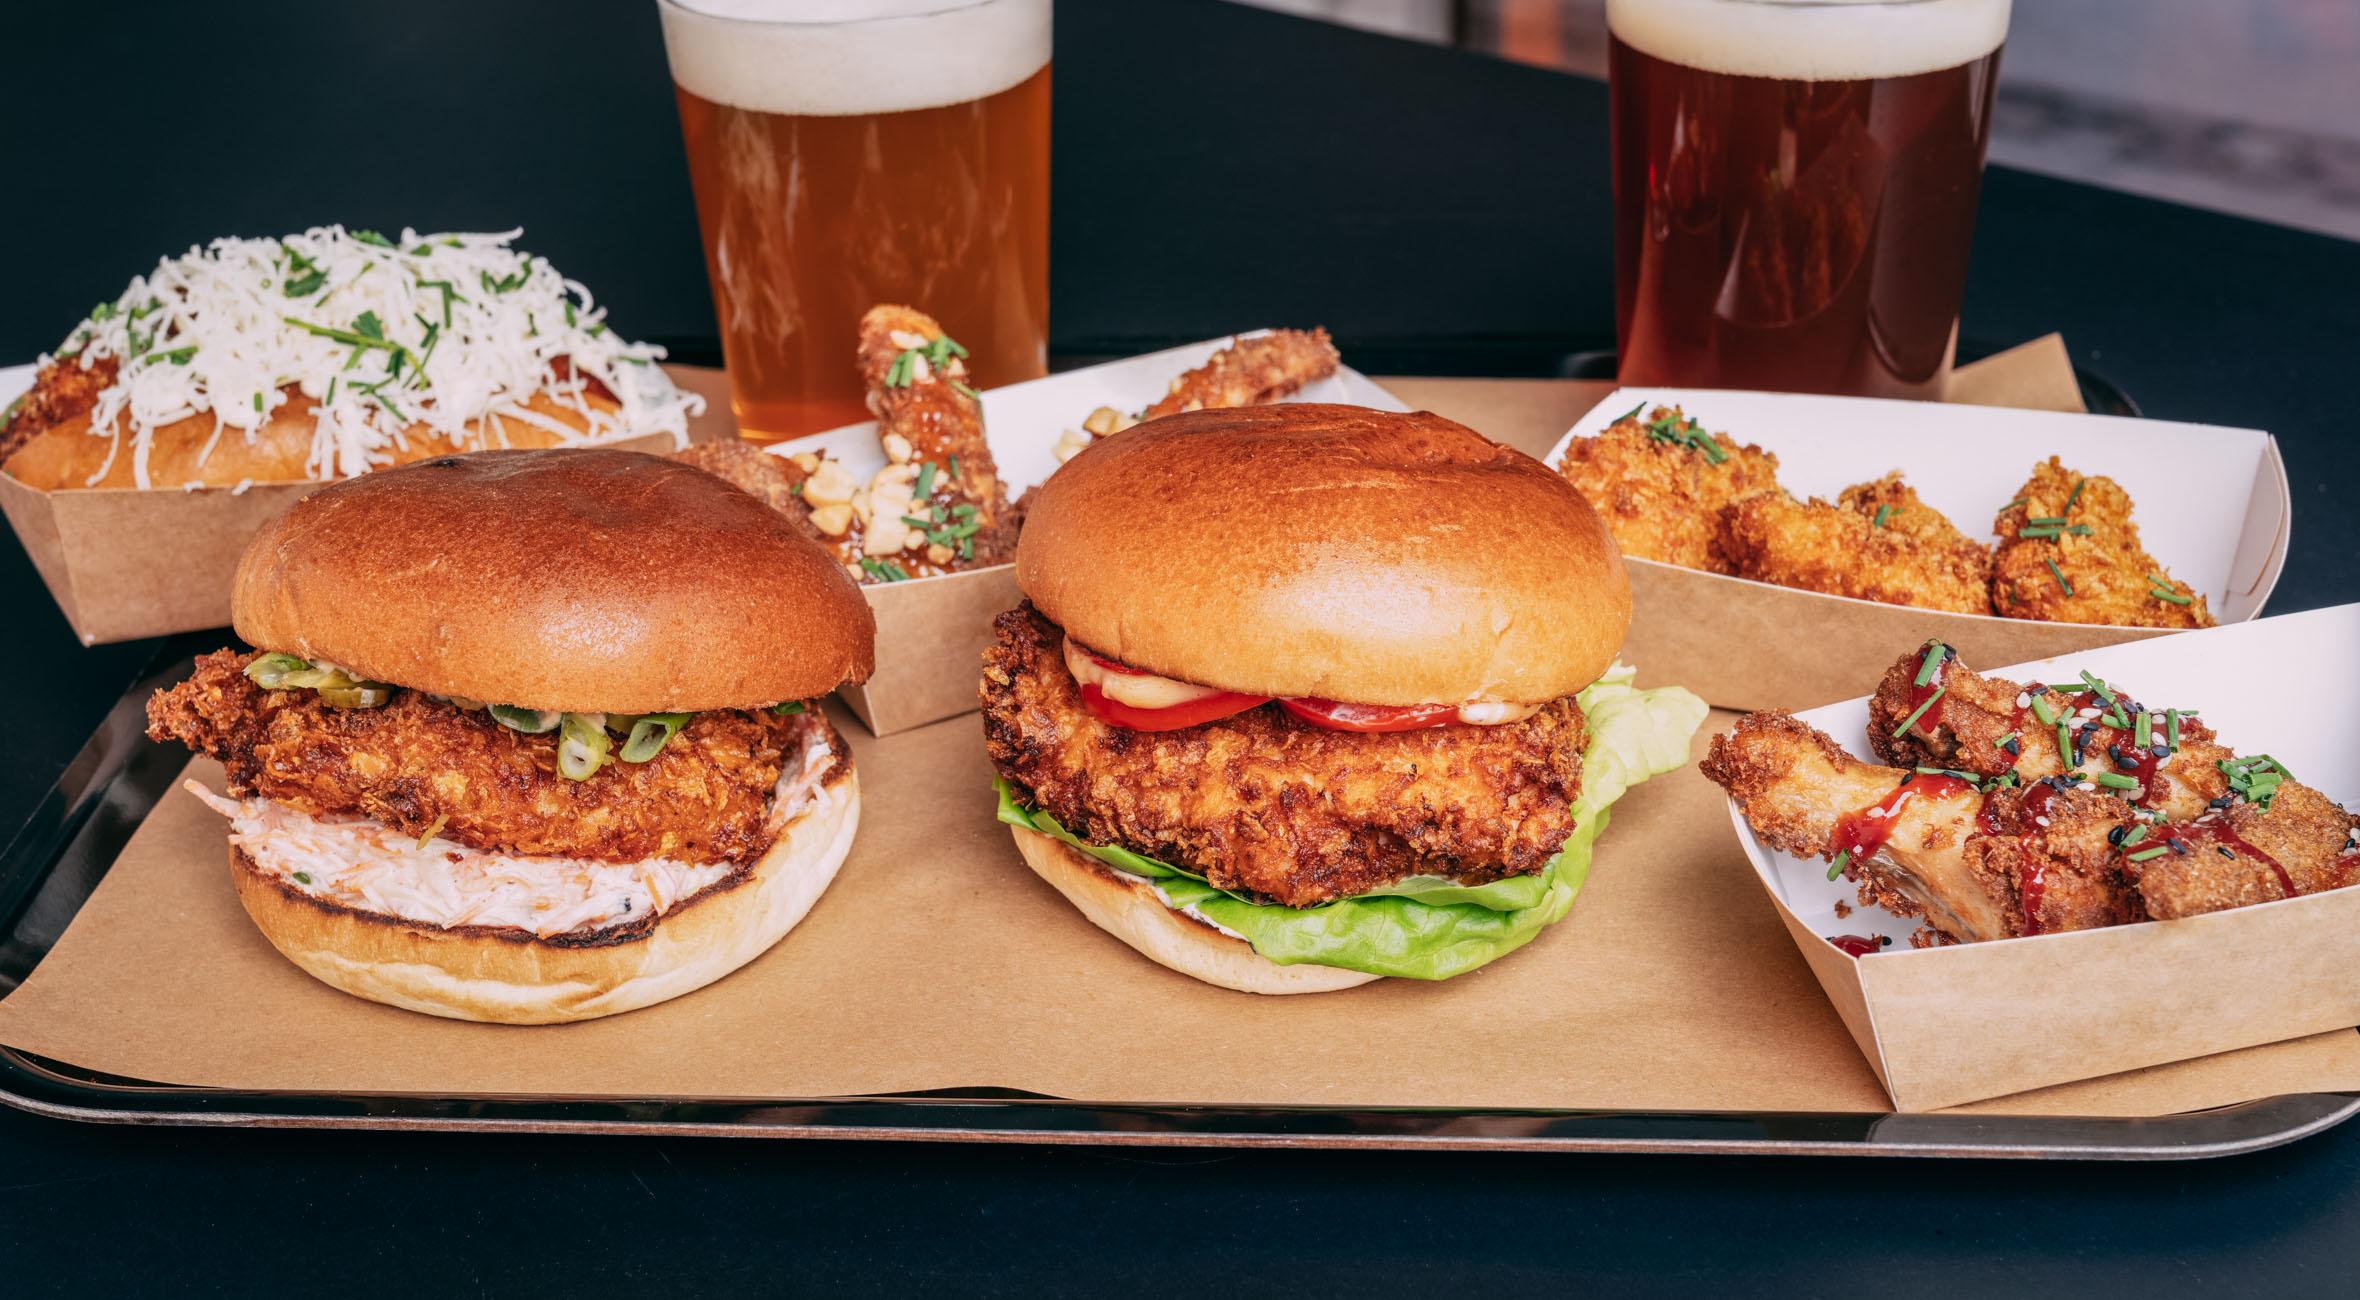 Frit valg til alt hos Crisp på Nørrebro – Nyåbnet fried chicken bar byder på alt fra burgere til nuggets, wings, truffle dogs og fries